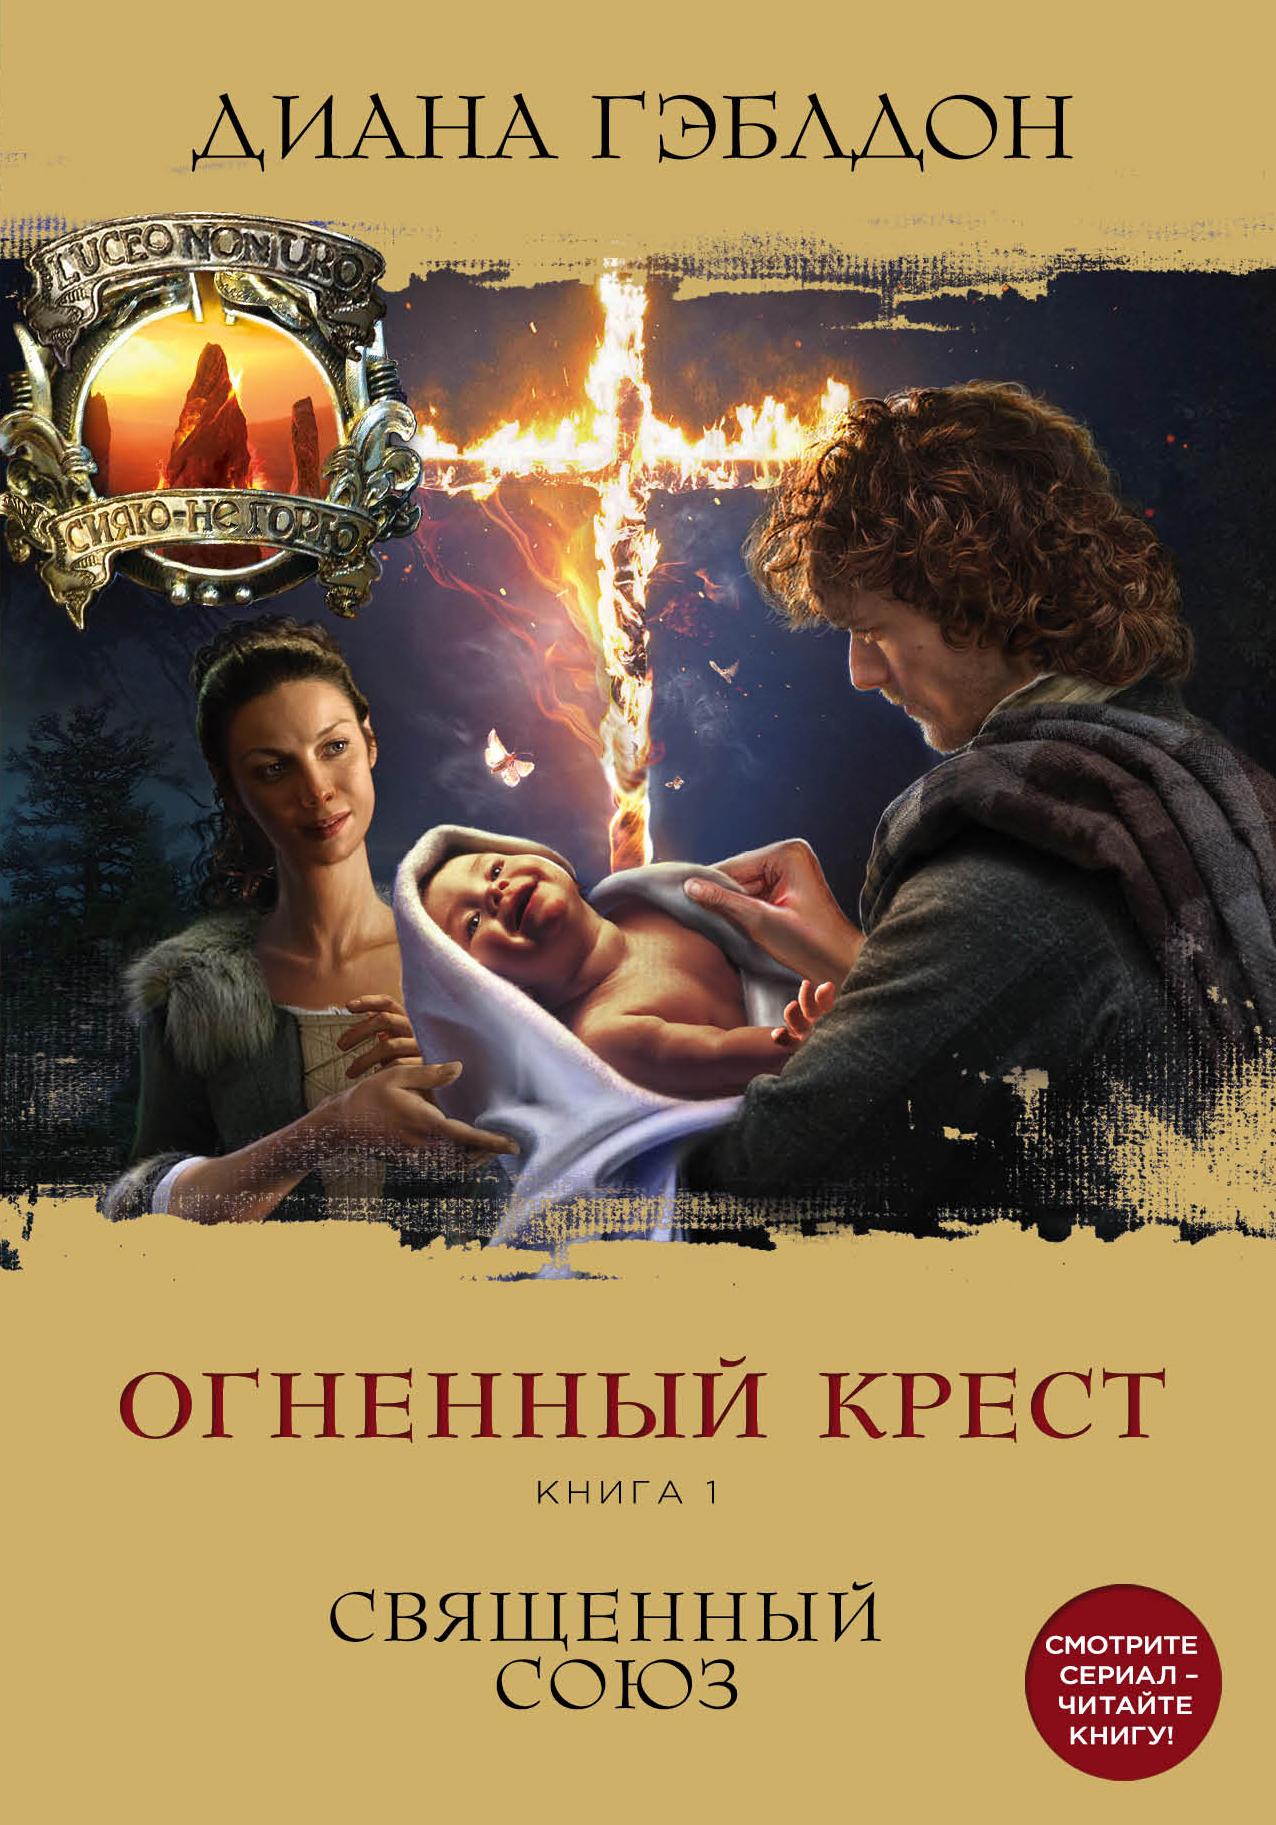 Гэблдон Диана Огненный крест. Книга 1. Священный союз ISBN: 978-5-699-92632-9